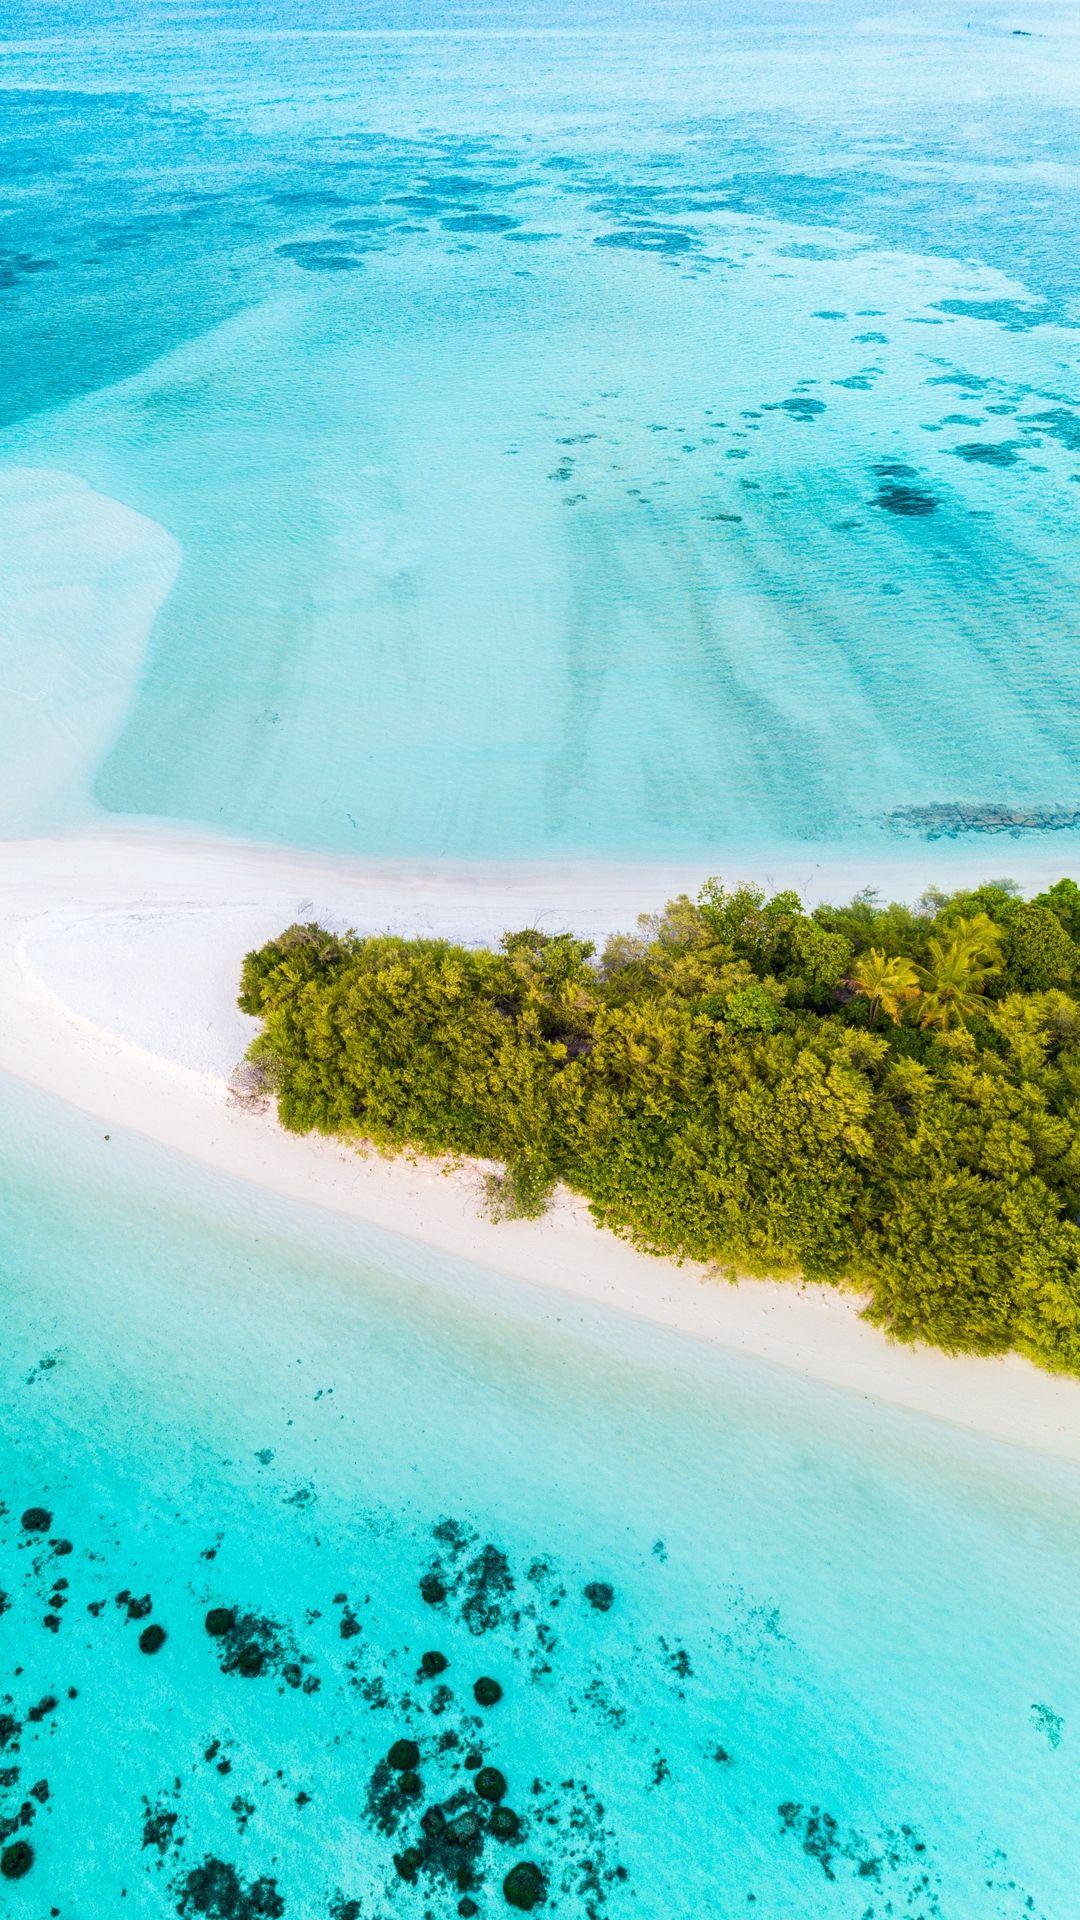 Island In The Ocean Top Wallpaper